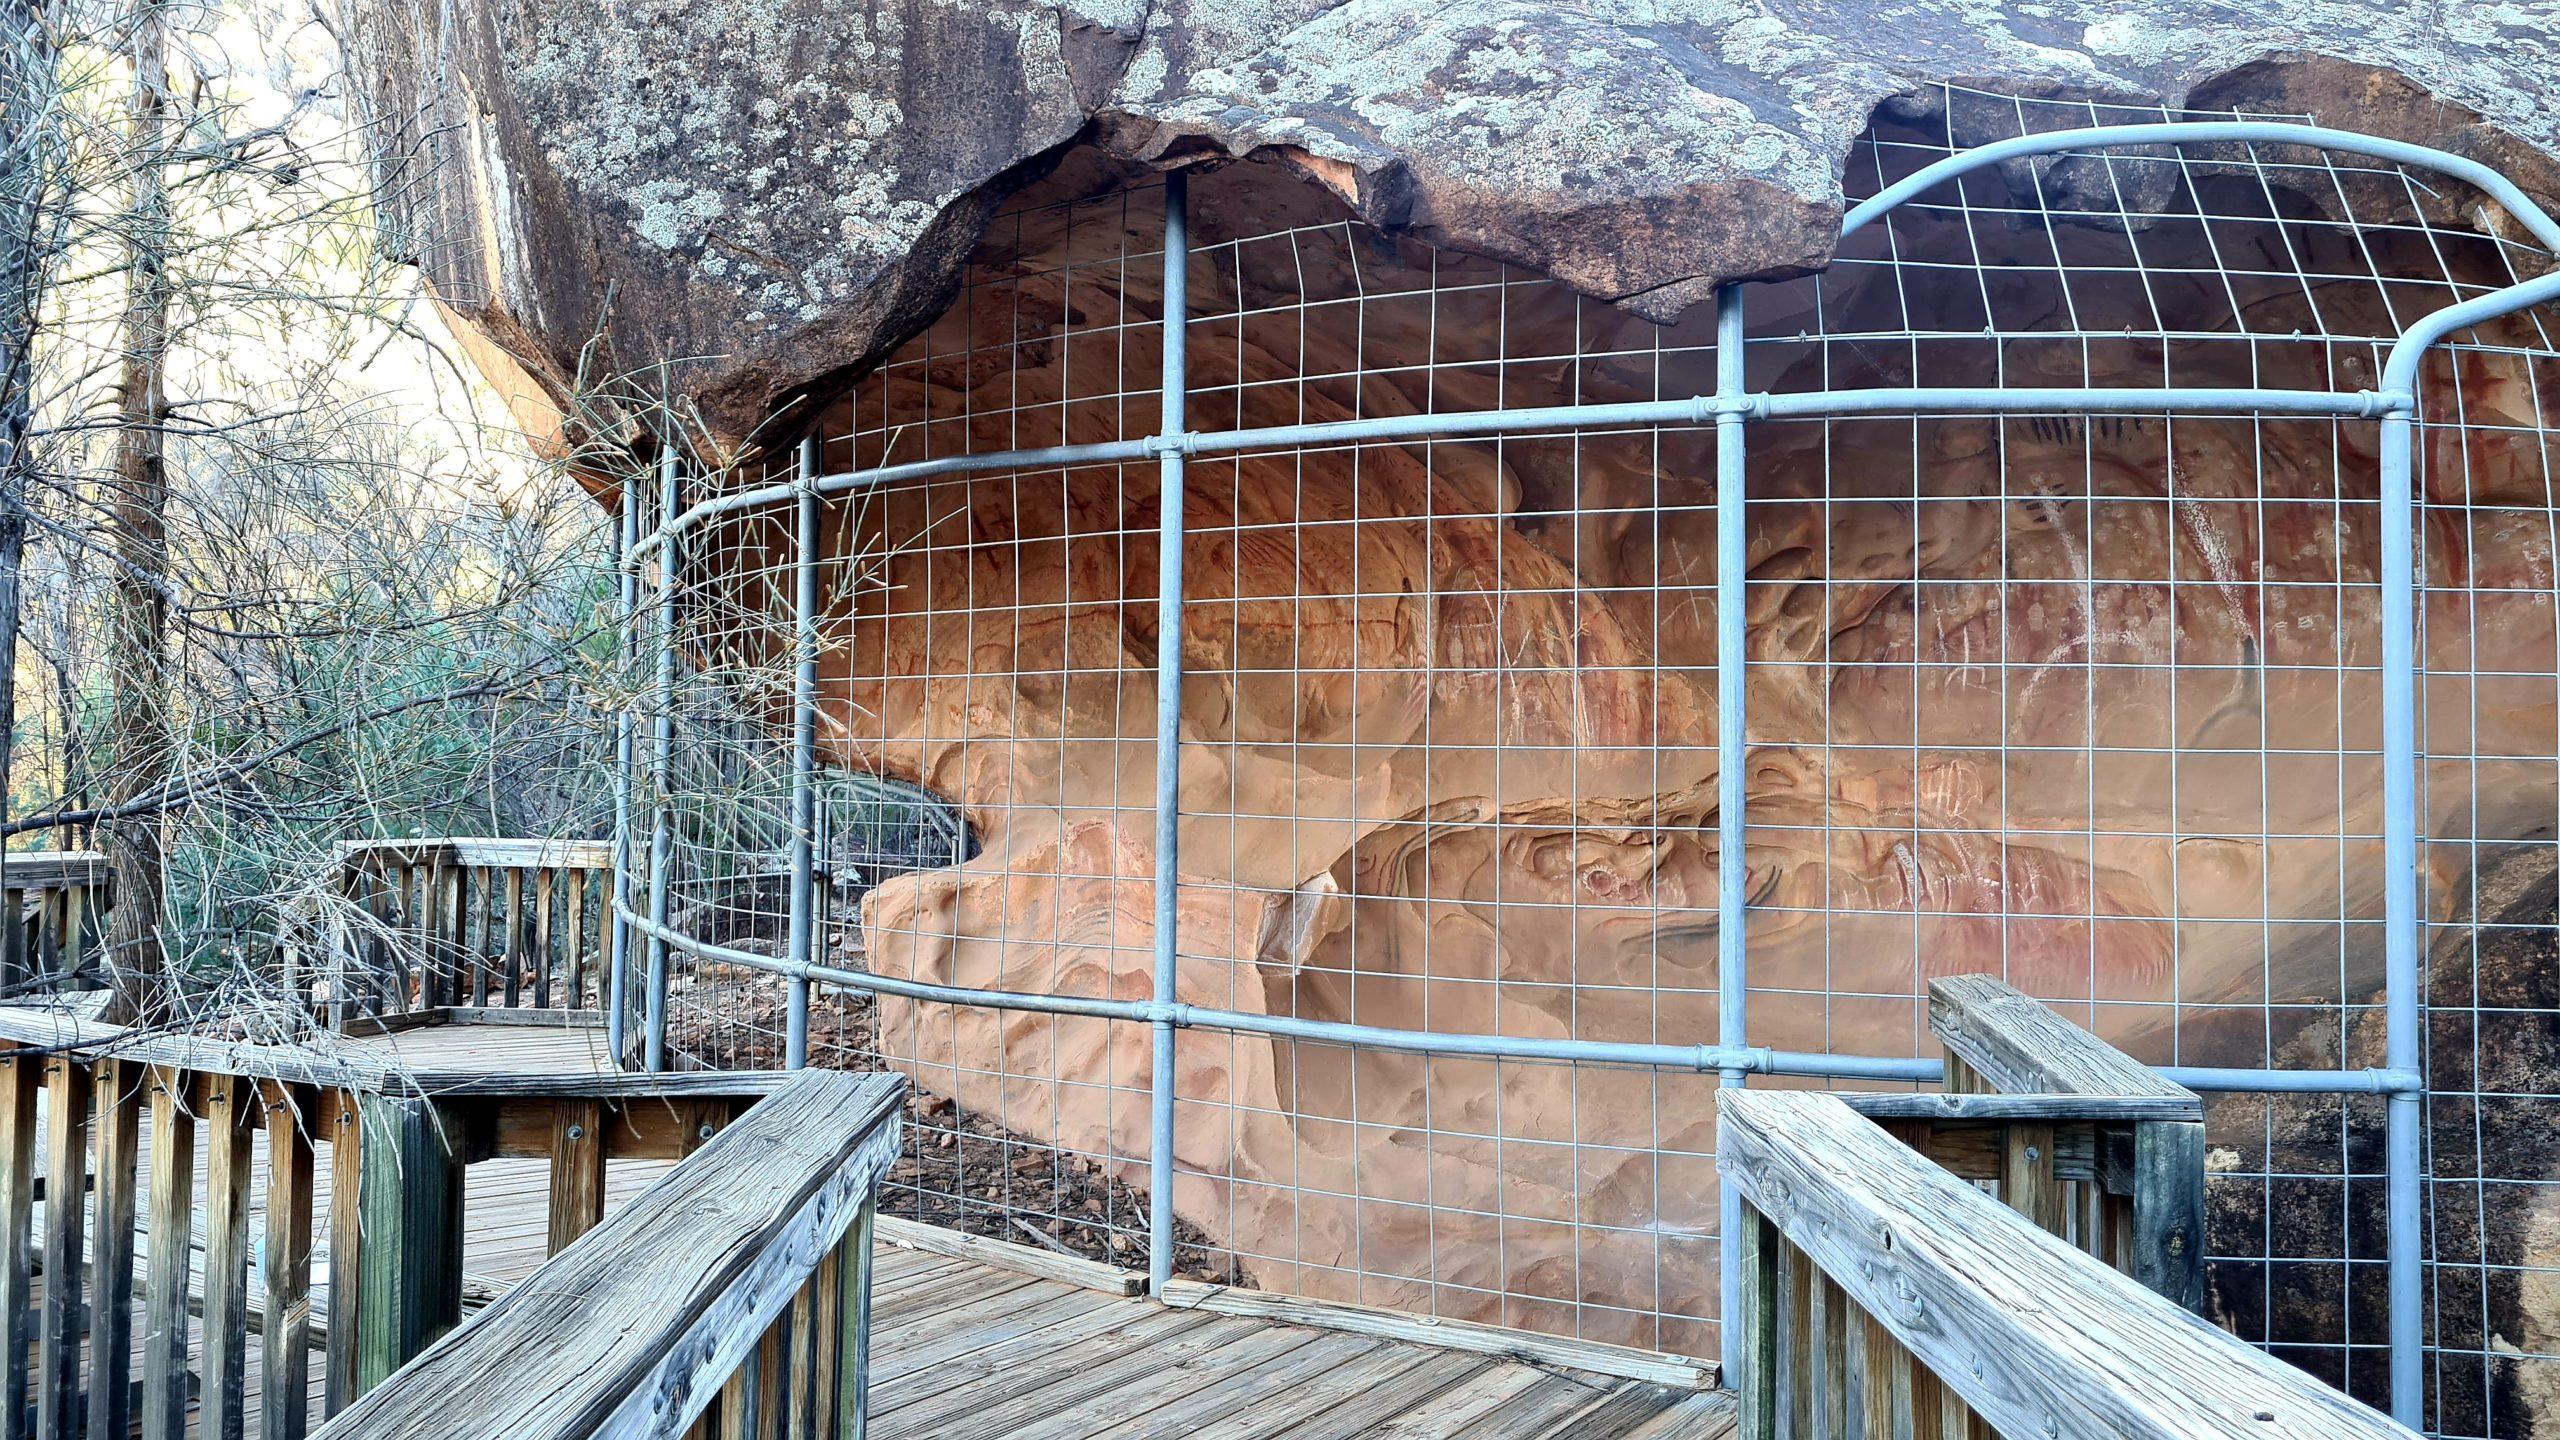 Flinders Ranges National Park Arkaroo Rock